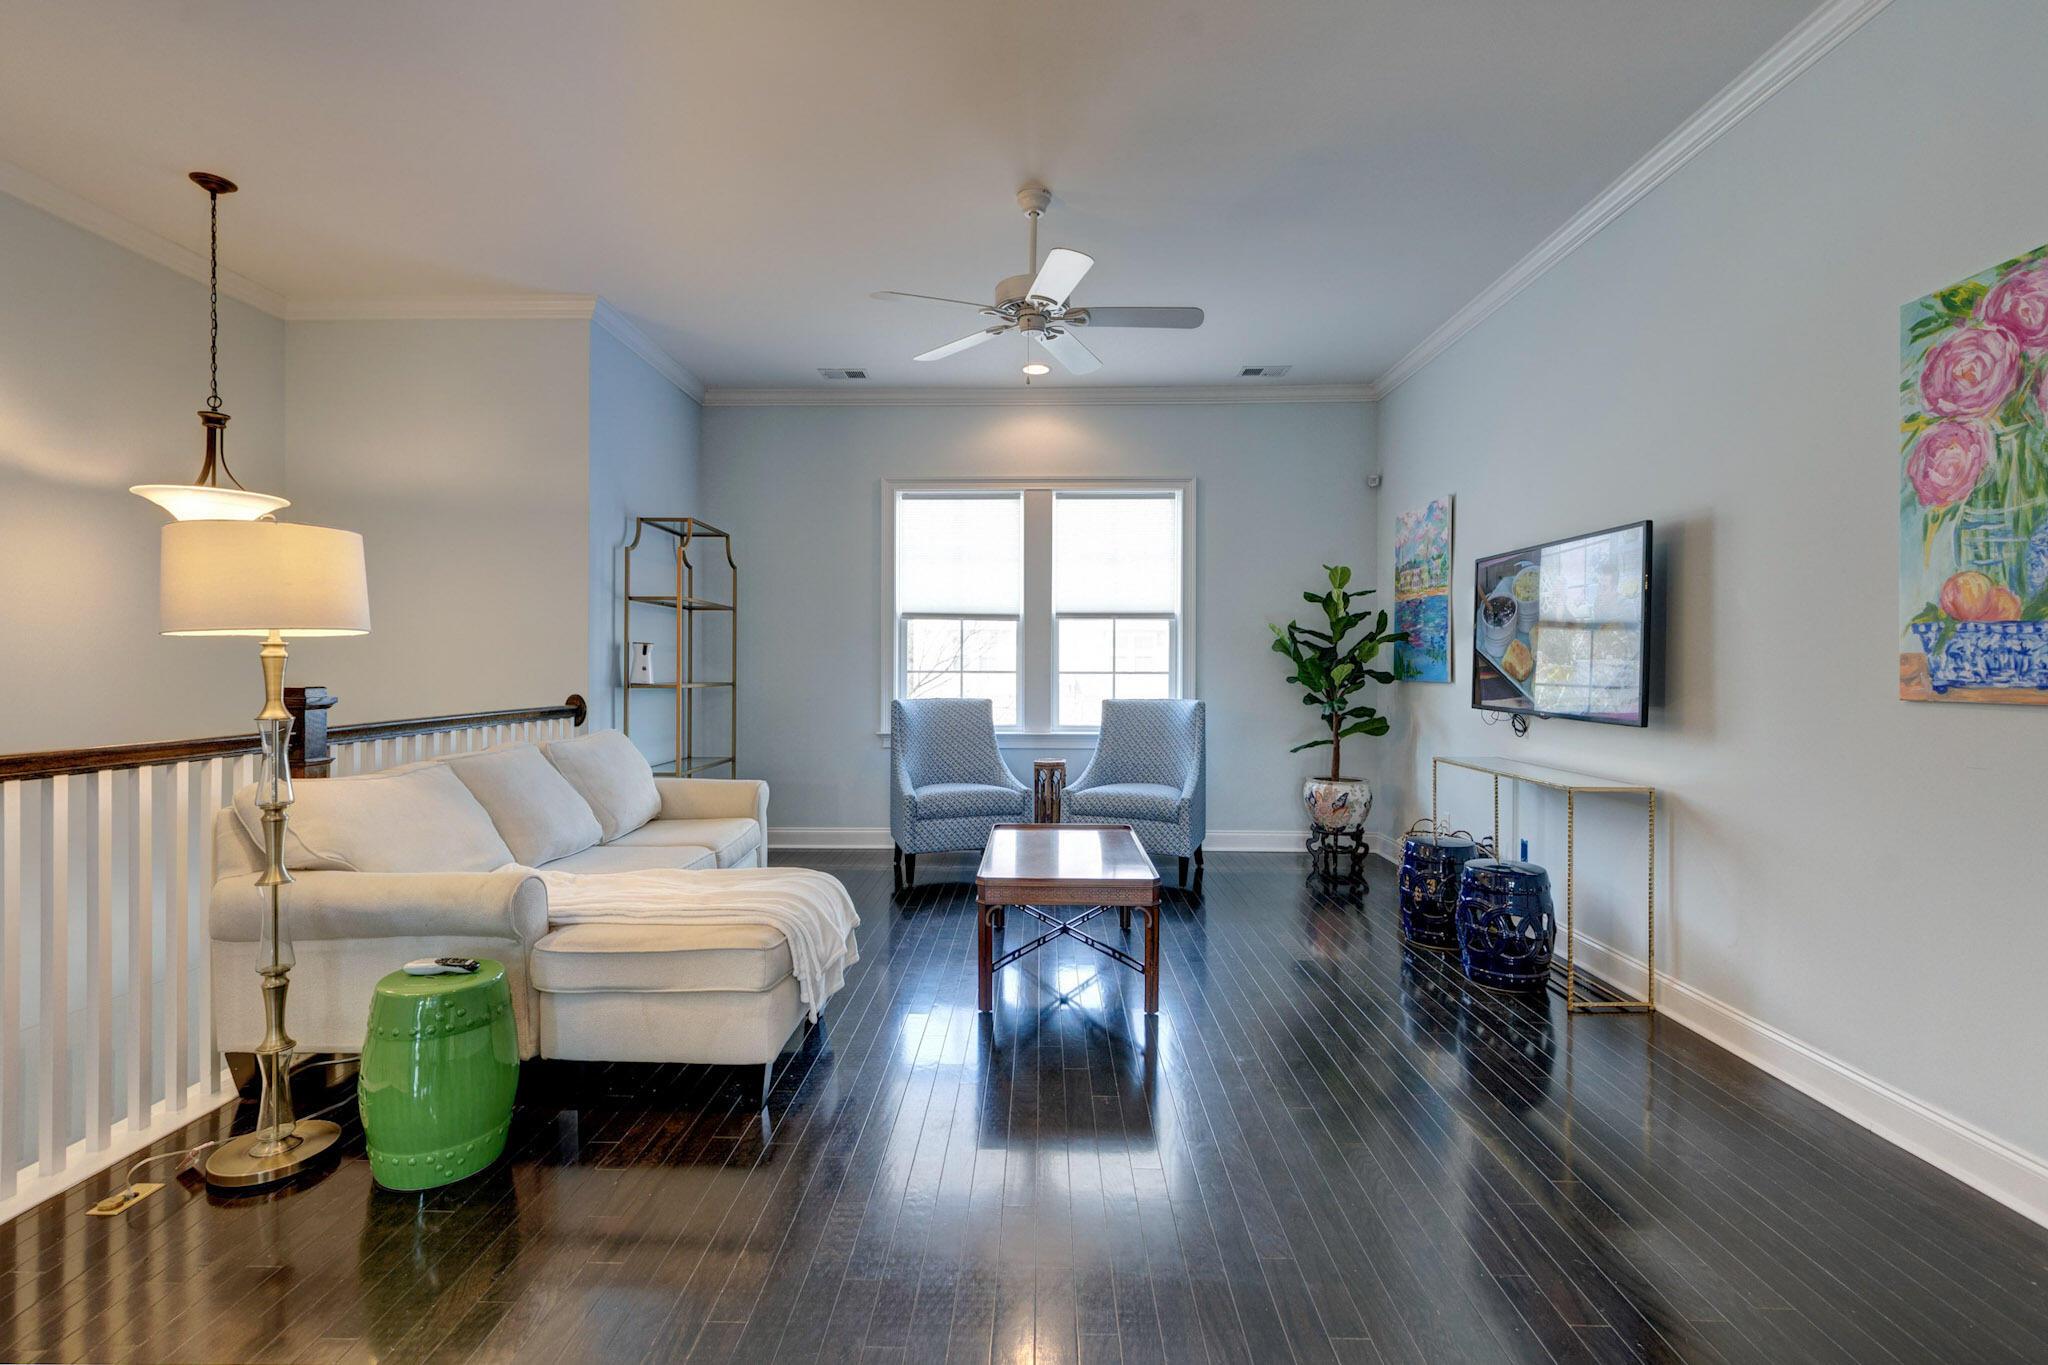 Bowman Park Homes For Sale - 1017 Bowman Woods, Mount Pleasant, SC - 2